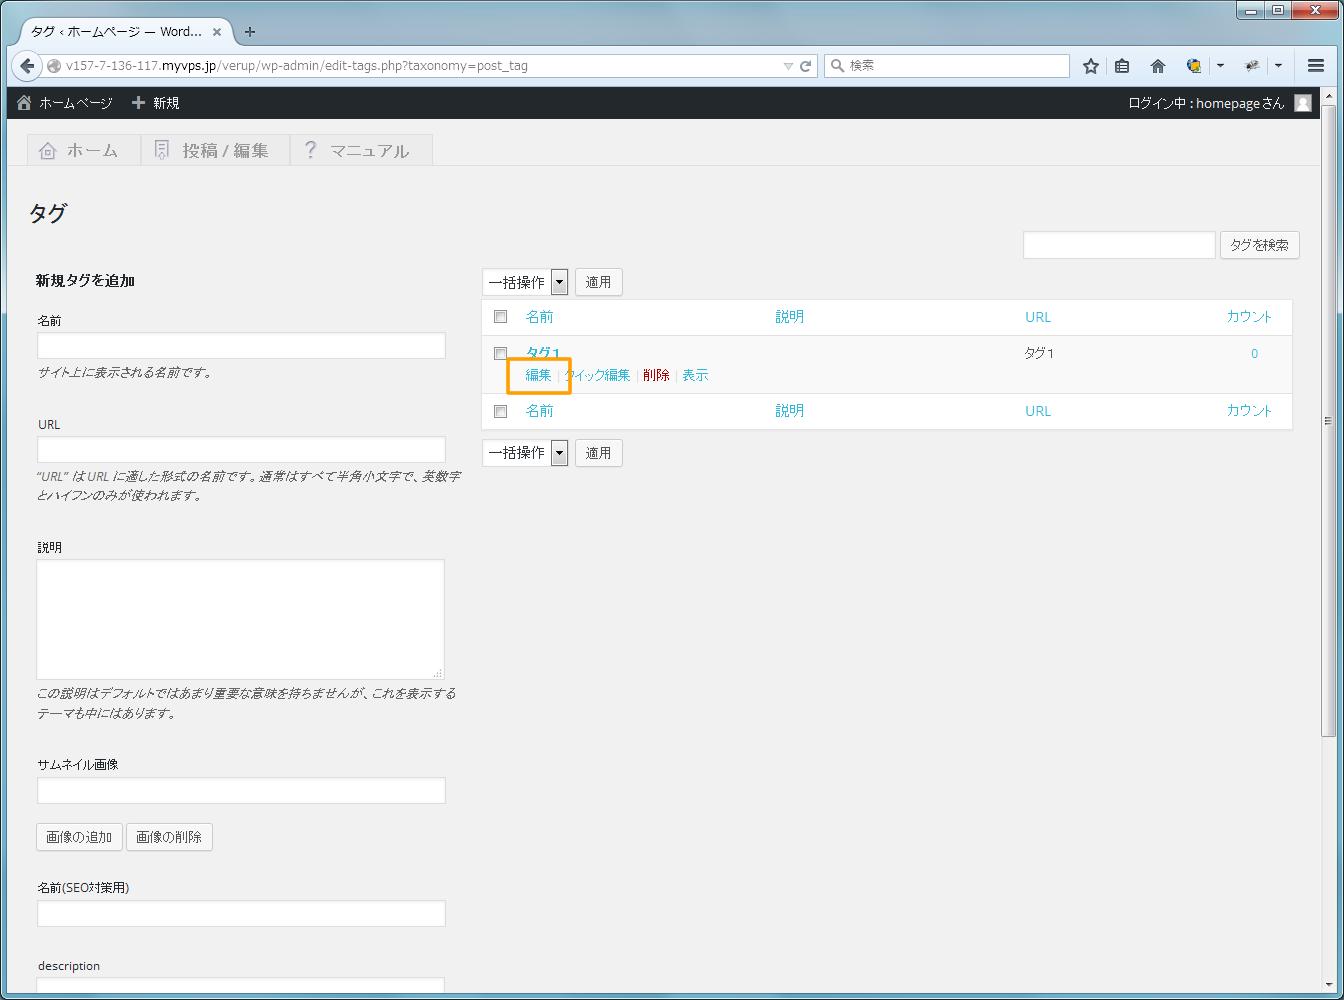 タグ 編集画面リンク   初期費用無料ホームページ作成サイト - FunMaker